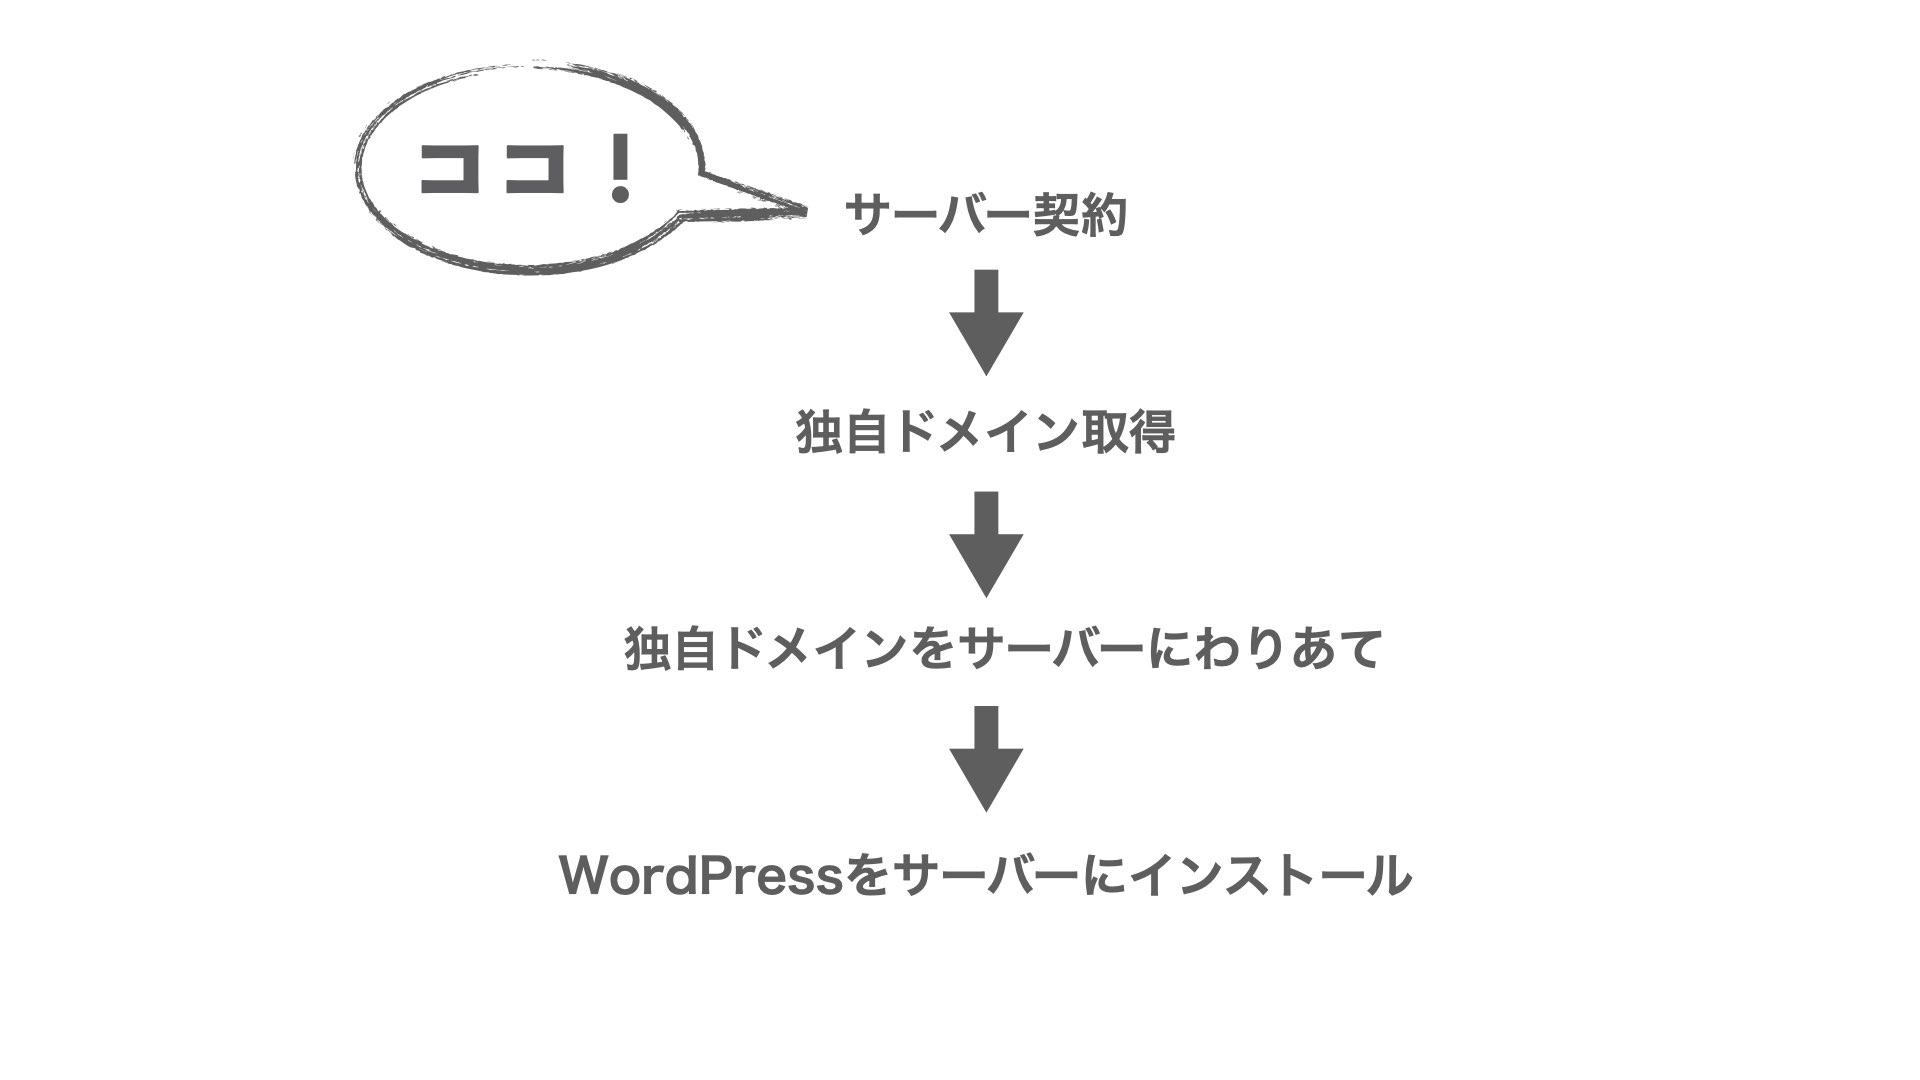 【サーバー契約】WordPressインストールの流れ.001